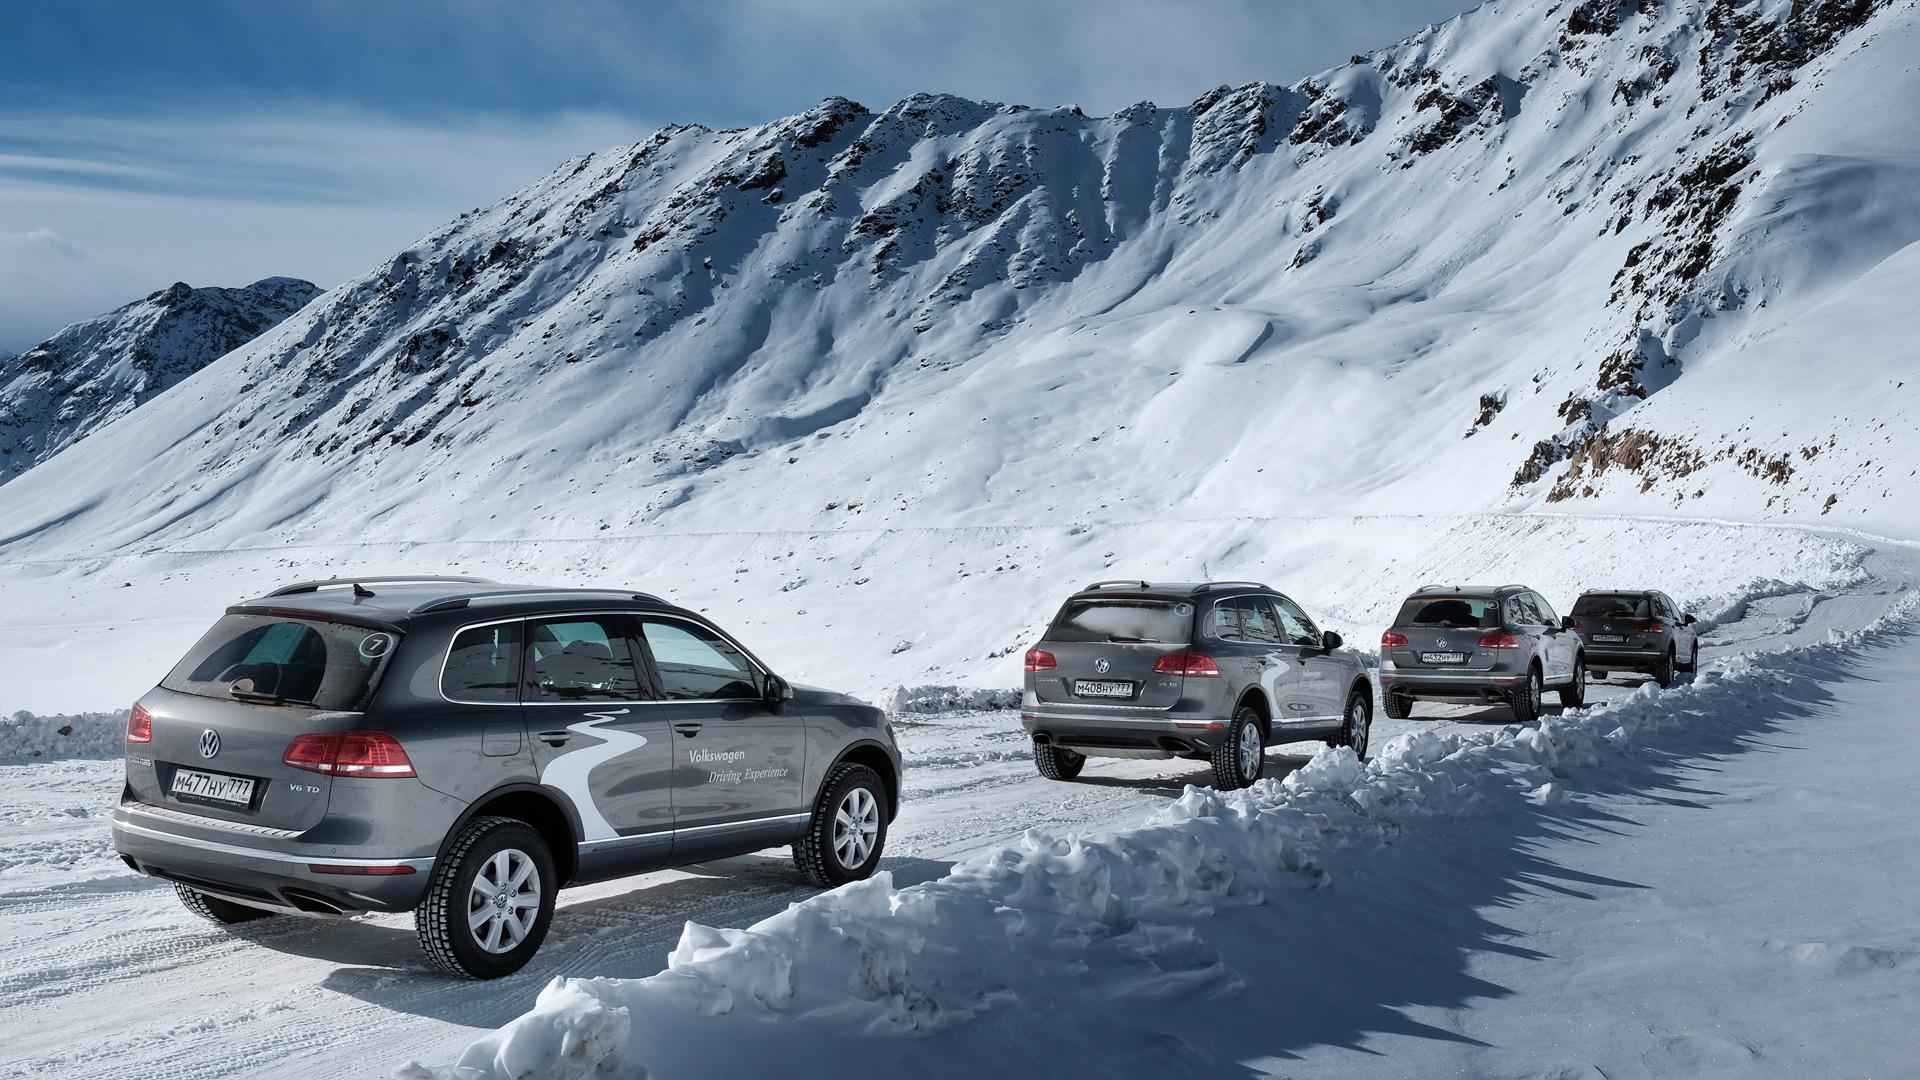 Зачем ехать в Киргизию, и почему VW Touareg неплохо подходит для этой авантюры. Фото 12